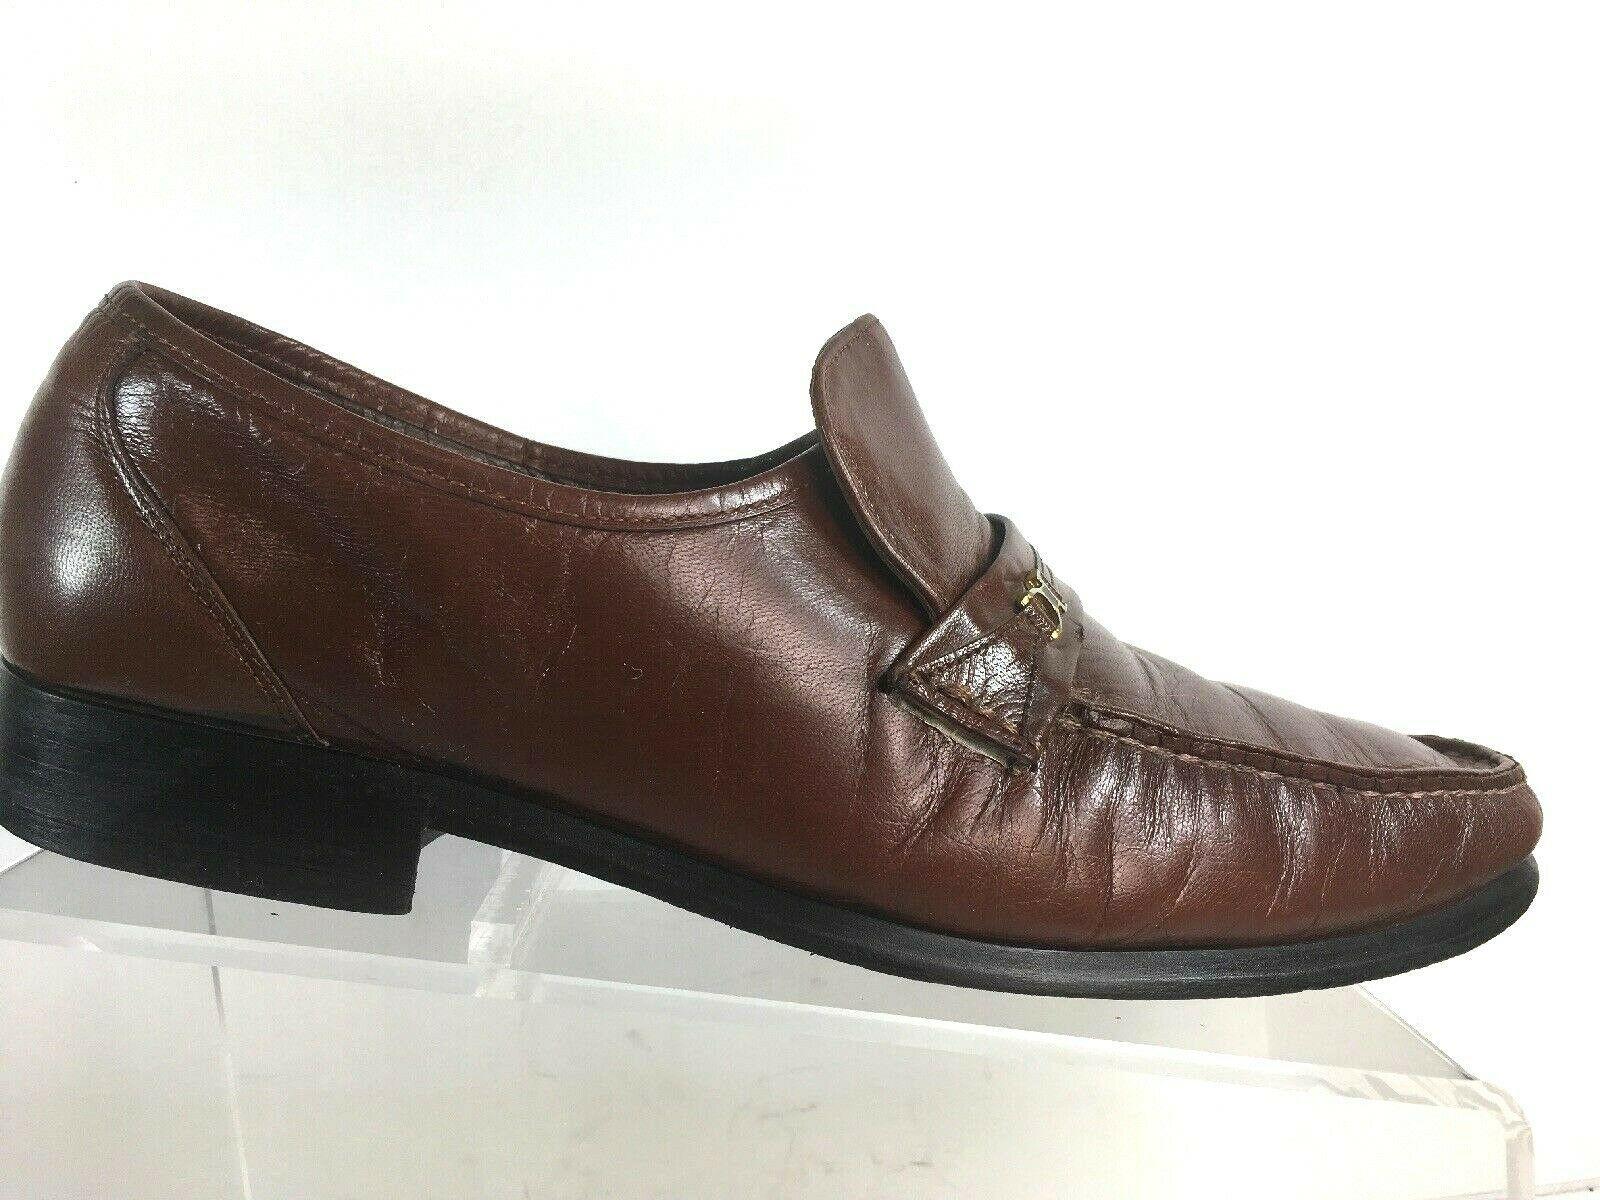 Florsheim Men/'s Shoes Beaufort Moc Toe Penny Loafer Black 11869-001